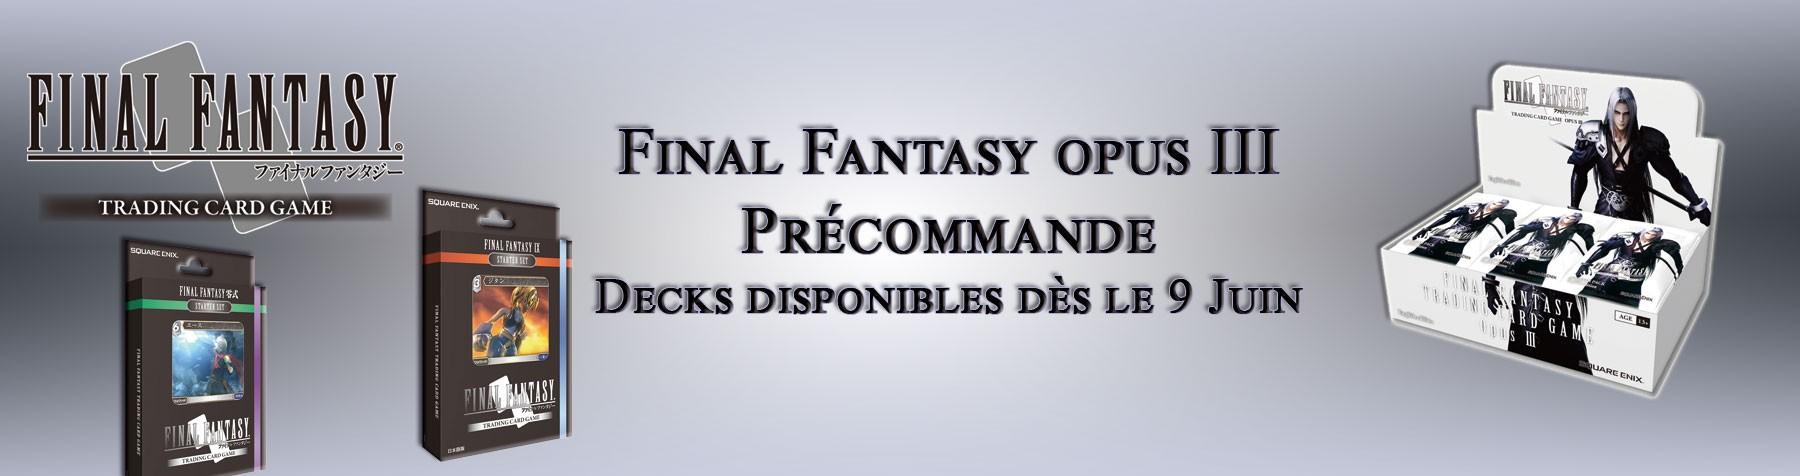 Final Fantasy Opus 3 précommande